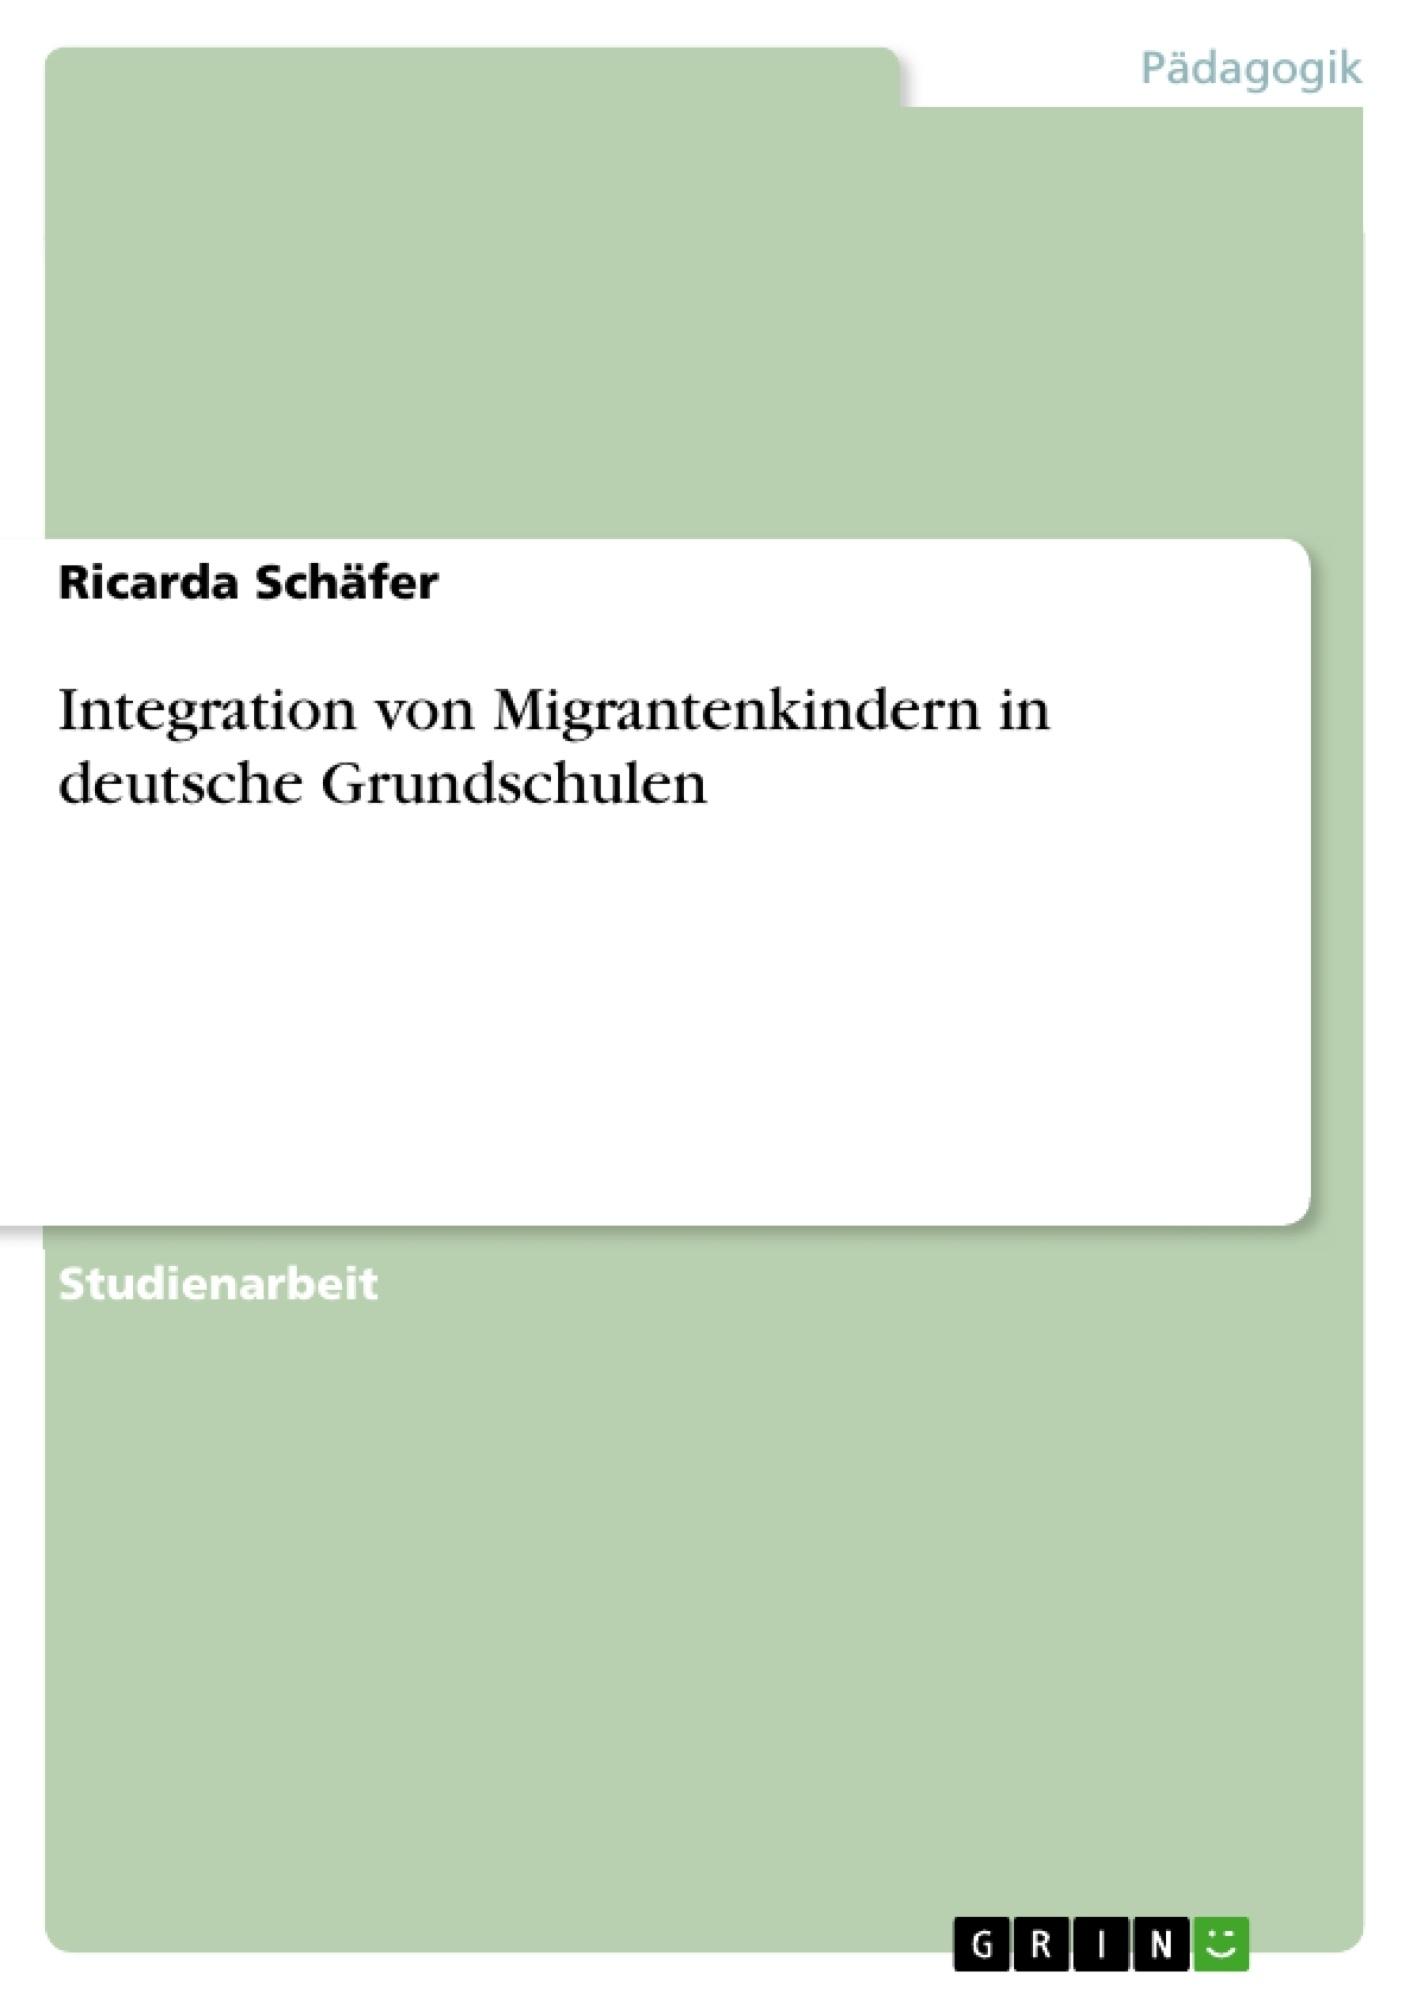 Titel: Integration von Migrantenkindern in deutsche Grundschulen